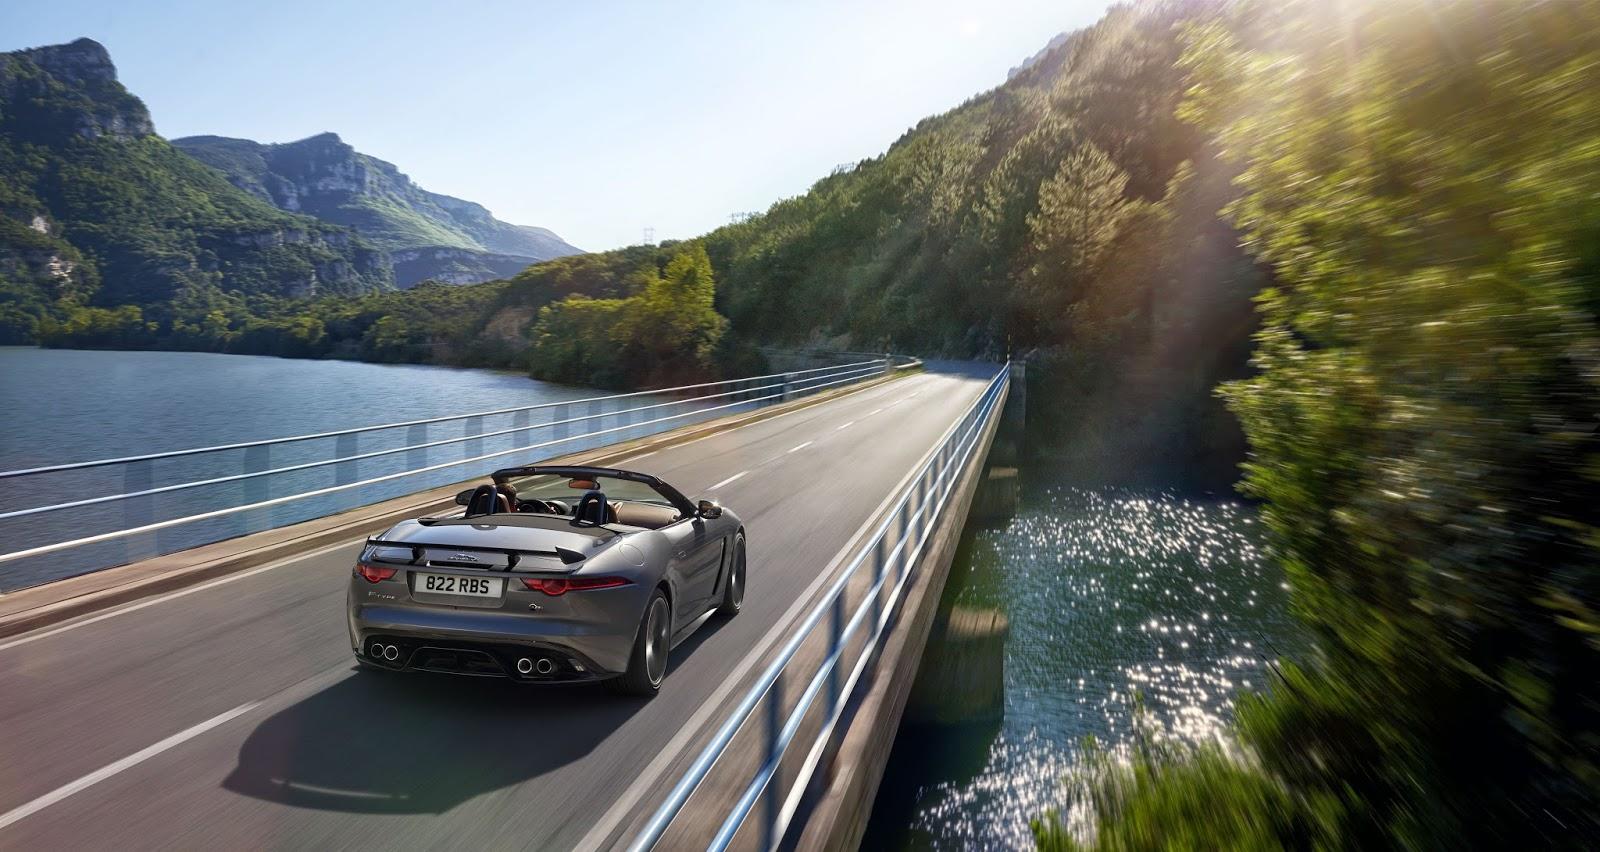 Được thiết kế theo hệ thống khí động học giúp xe ít cản gió hơn